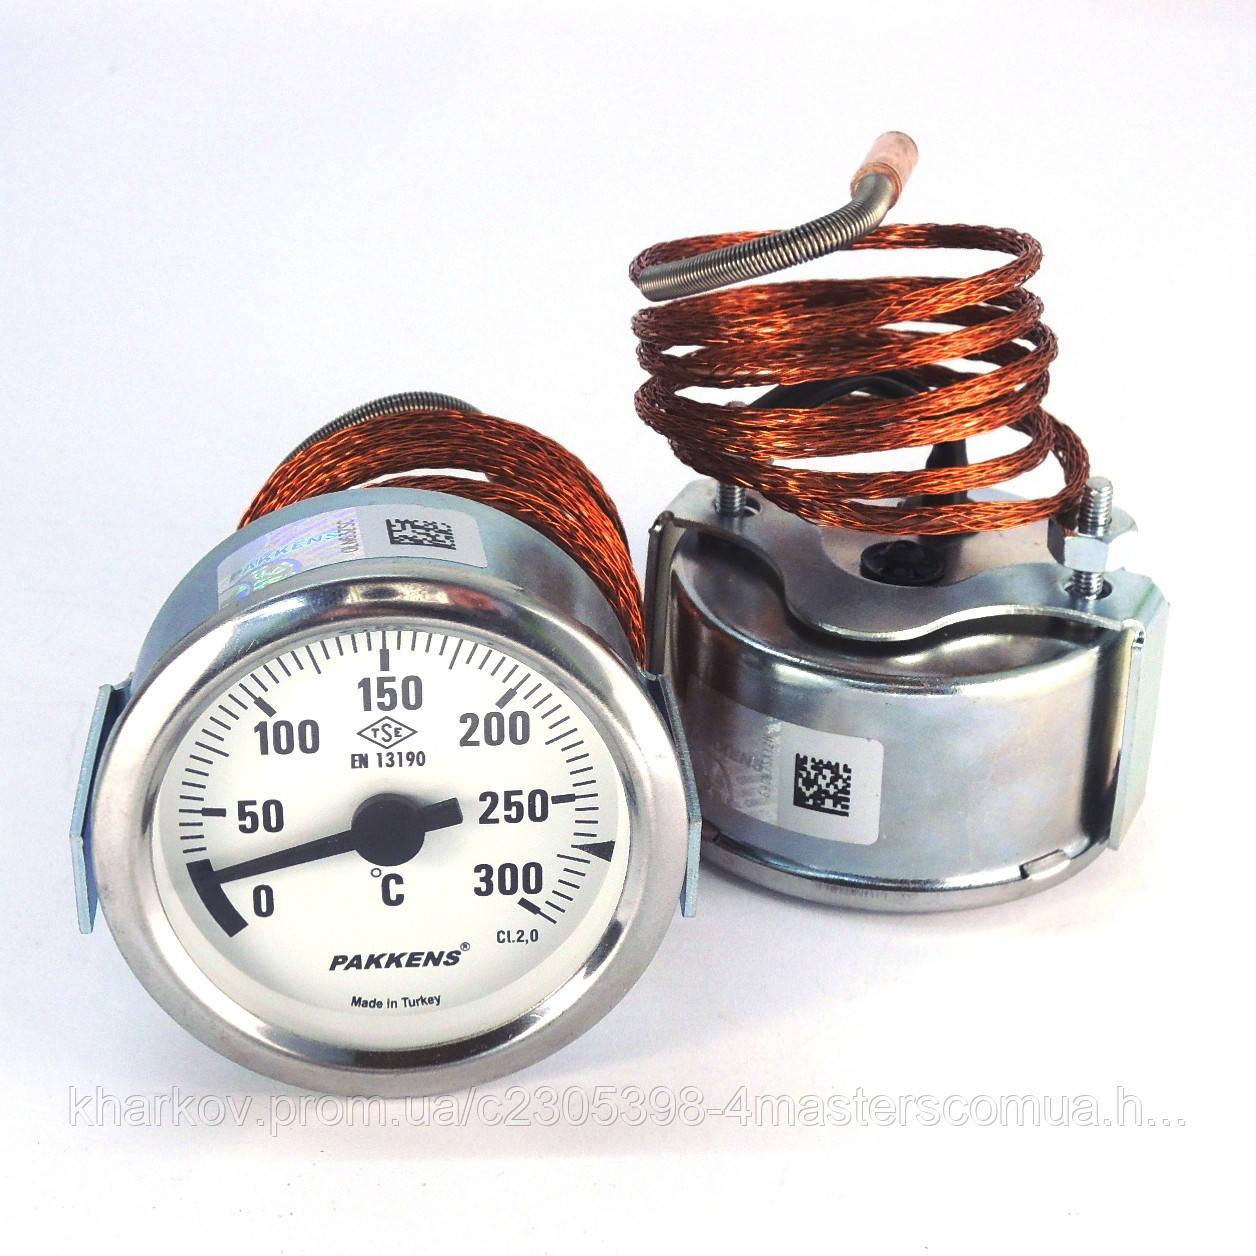 Термометр 0 300°С с выносным датчиком 1 м Ø60, Pakkens Турция